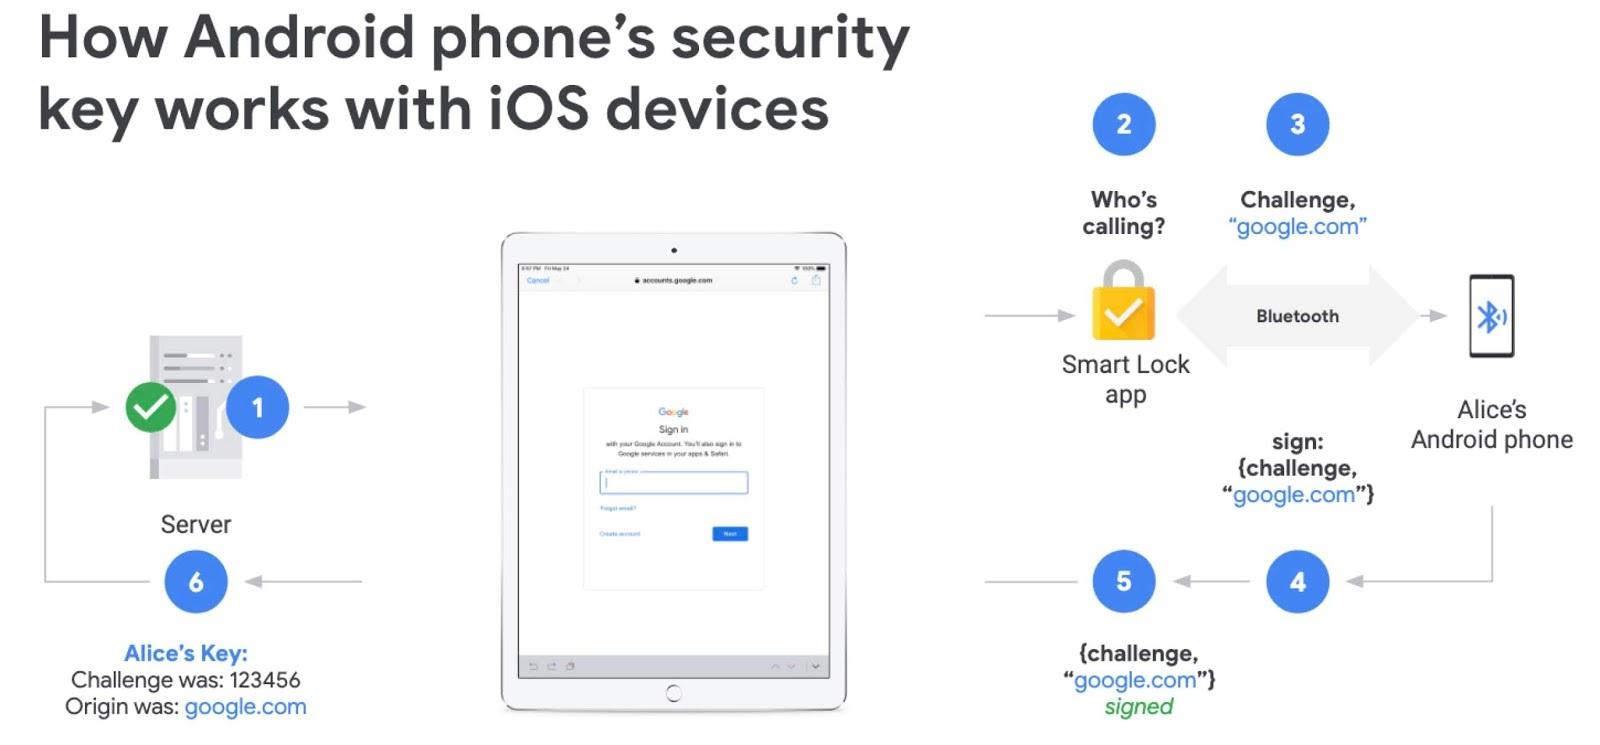 Cách dùng smartphone Android để xác thực đăng nhập Google trên iPhone